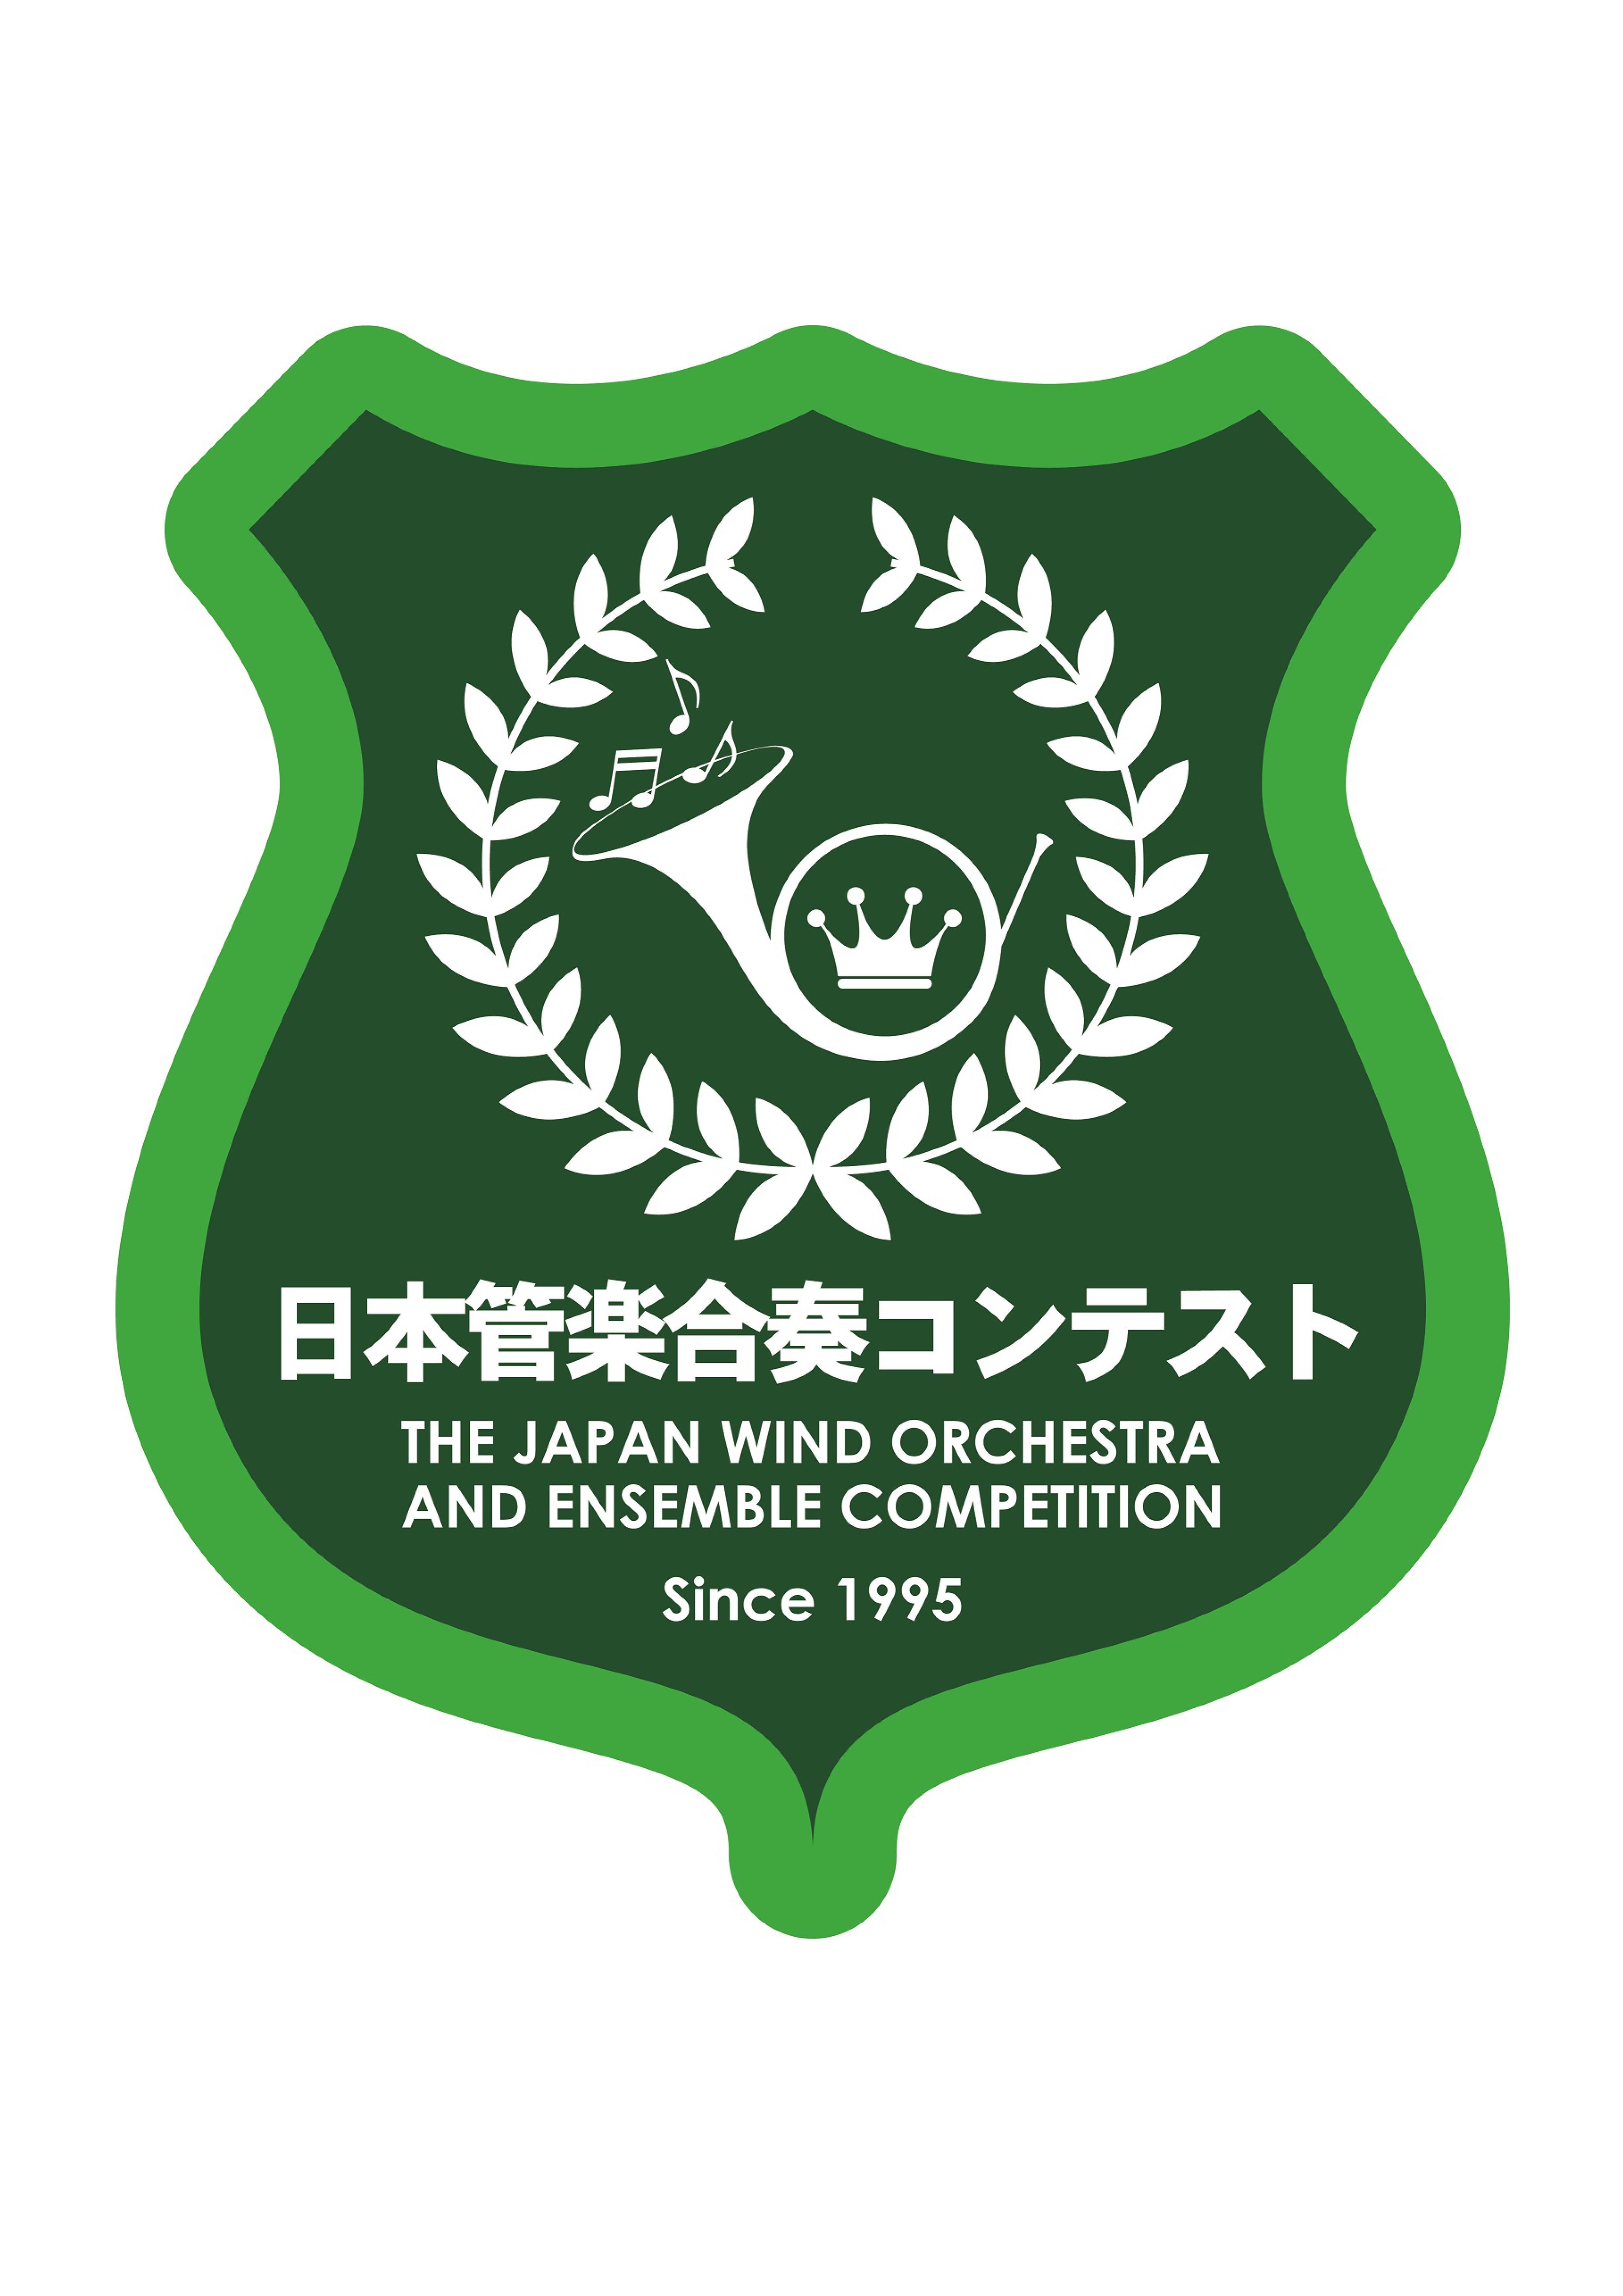 日本 管 学 合奏 コンテスト 2019 2019(第25回) 日本管楽合奏コンテスト